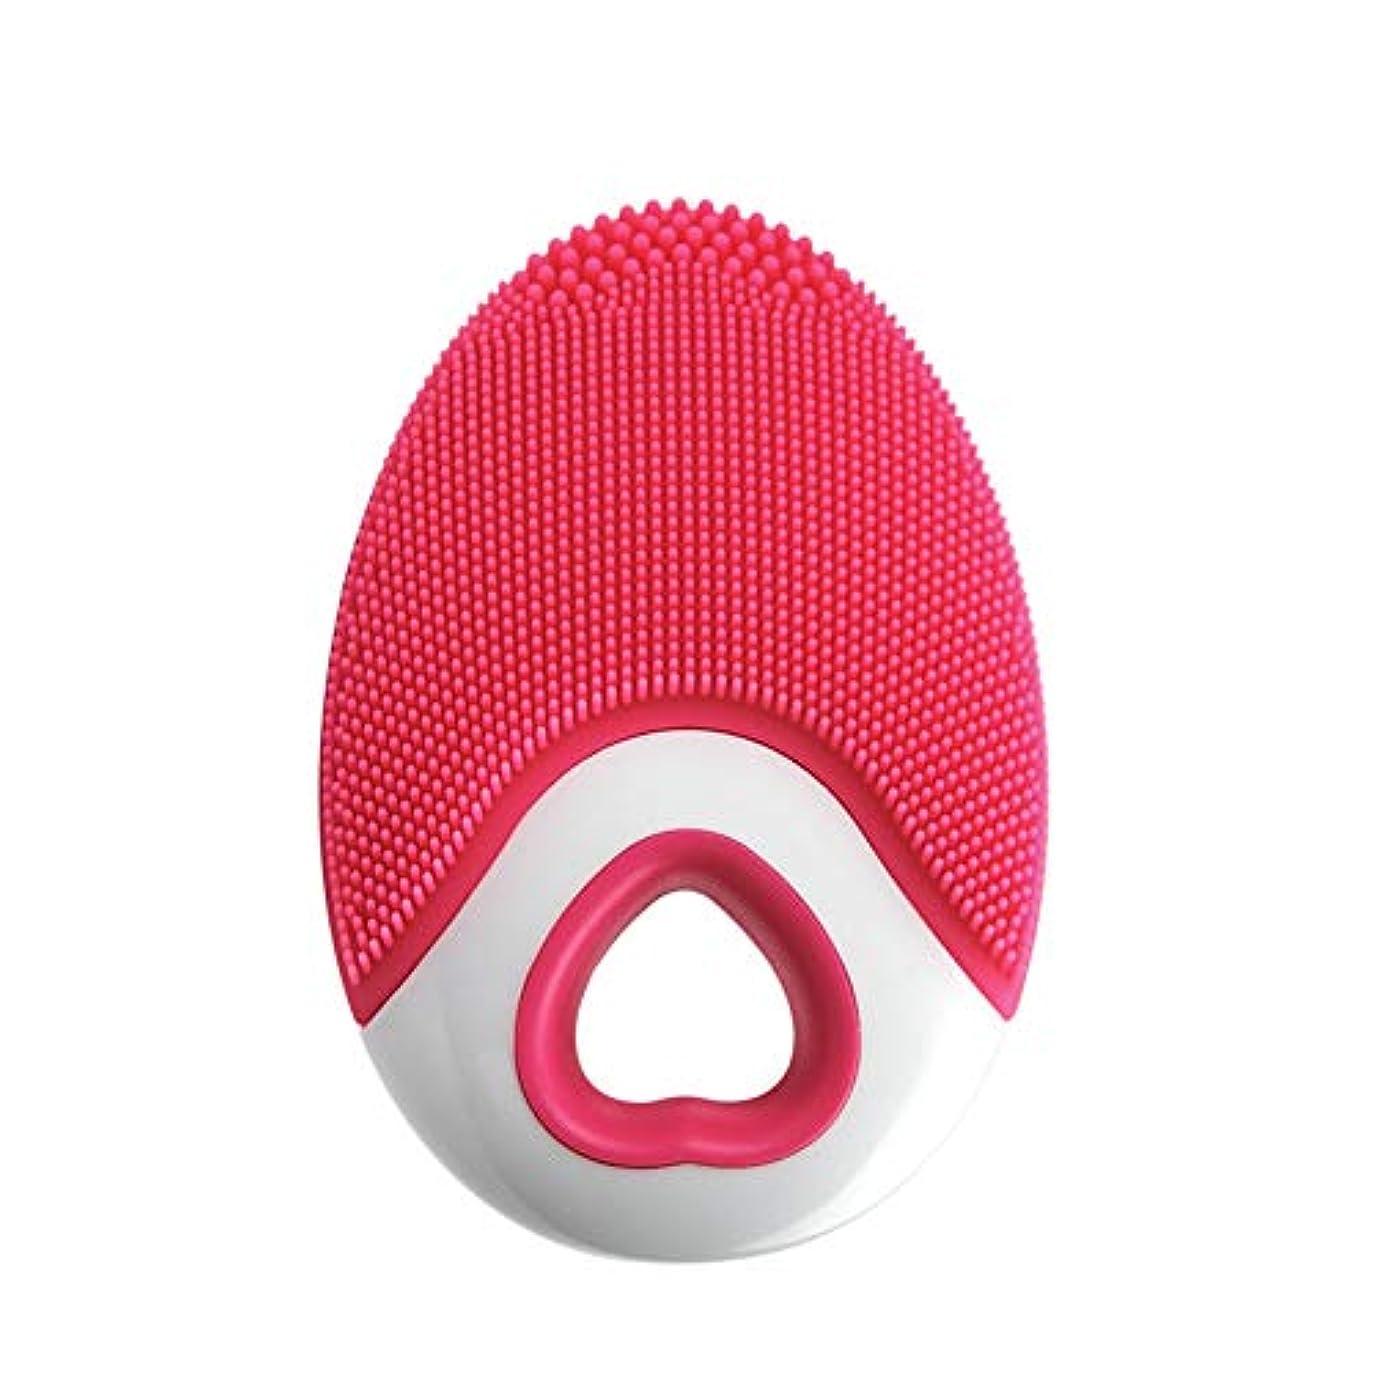 寄付伝染性のベッドを作るFuntoget   1ピースシリコンフェイスクレンザーブラシ超音波ディープクリーニング防水ワイヤレス充電